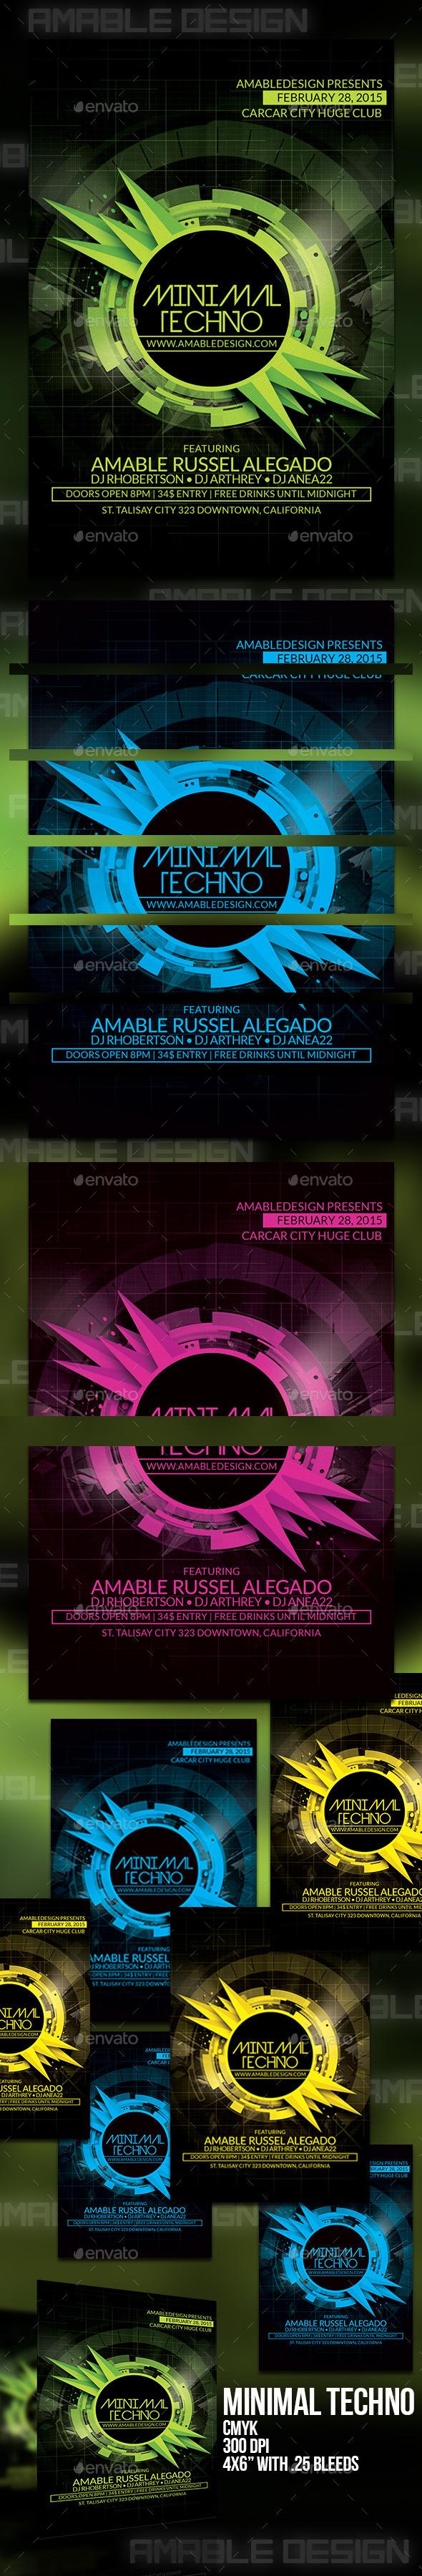 GraphicRiver Minimal Techno Flyer 10190782